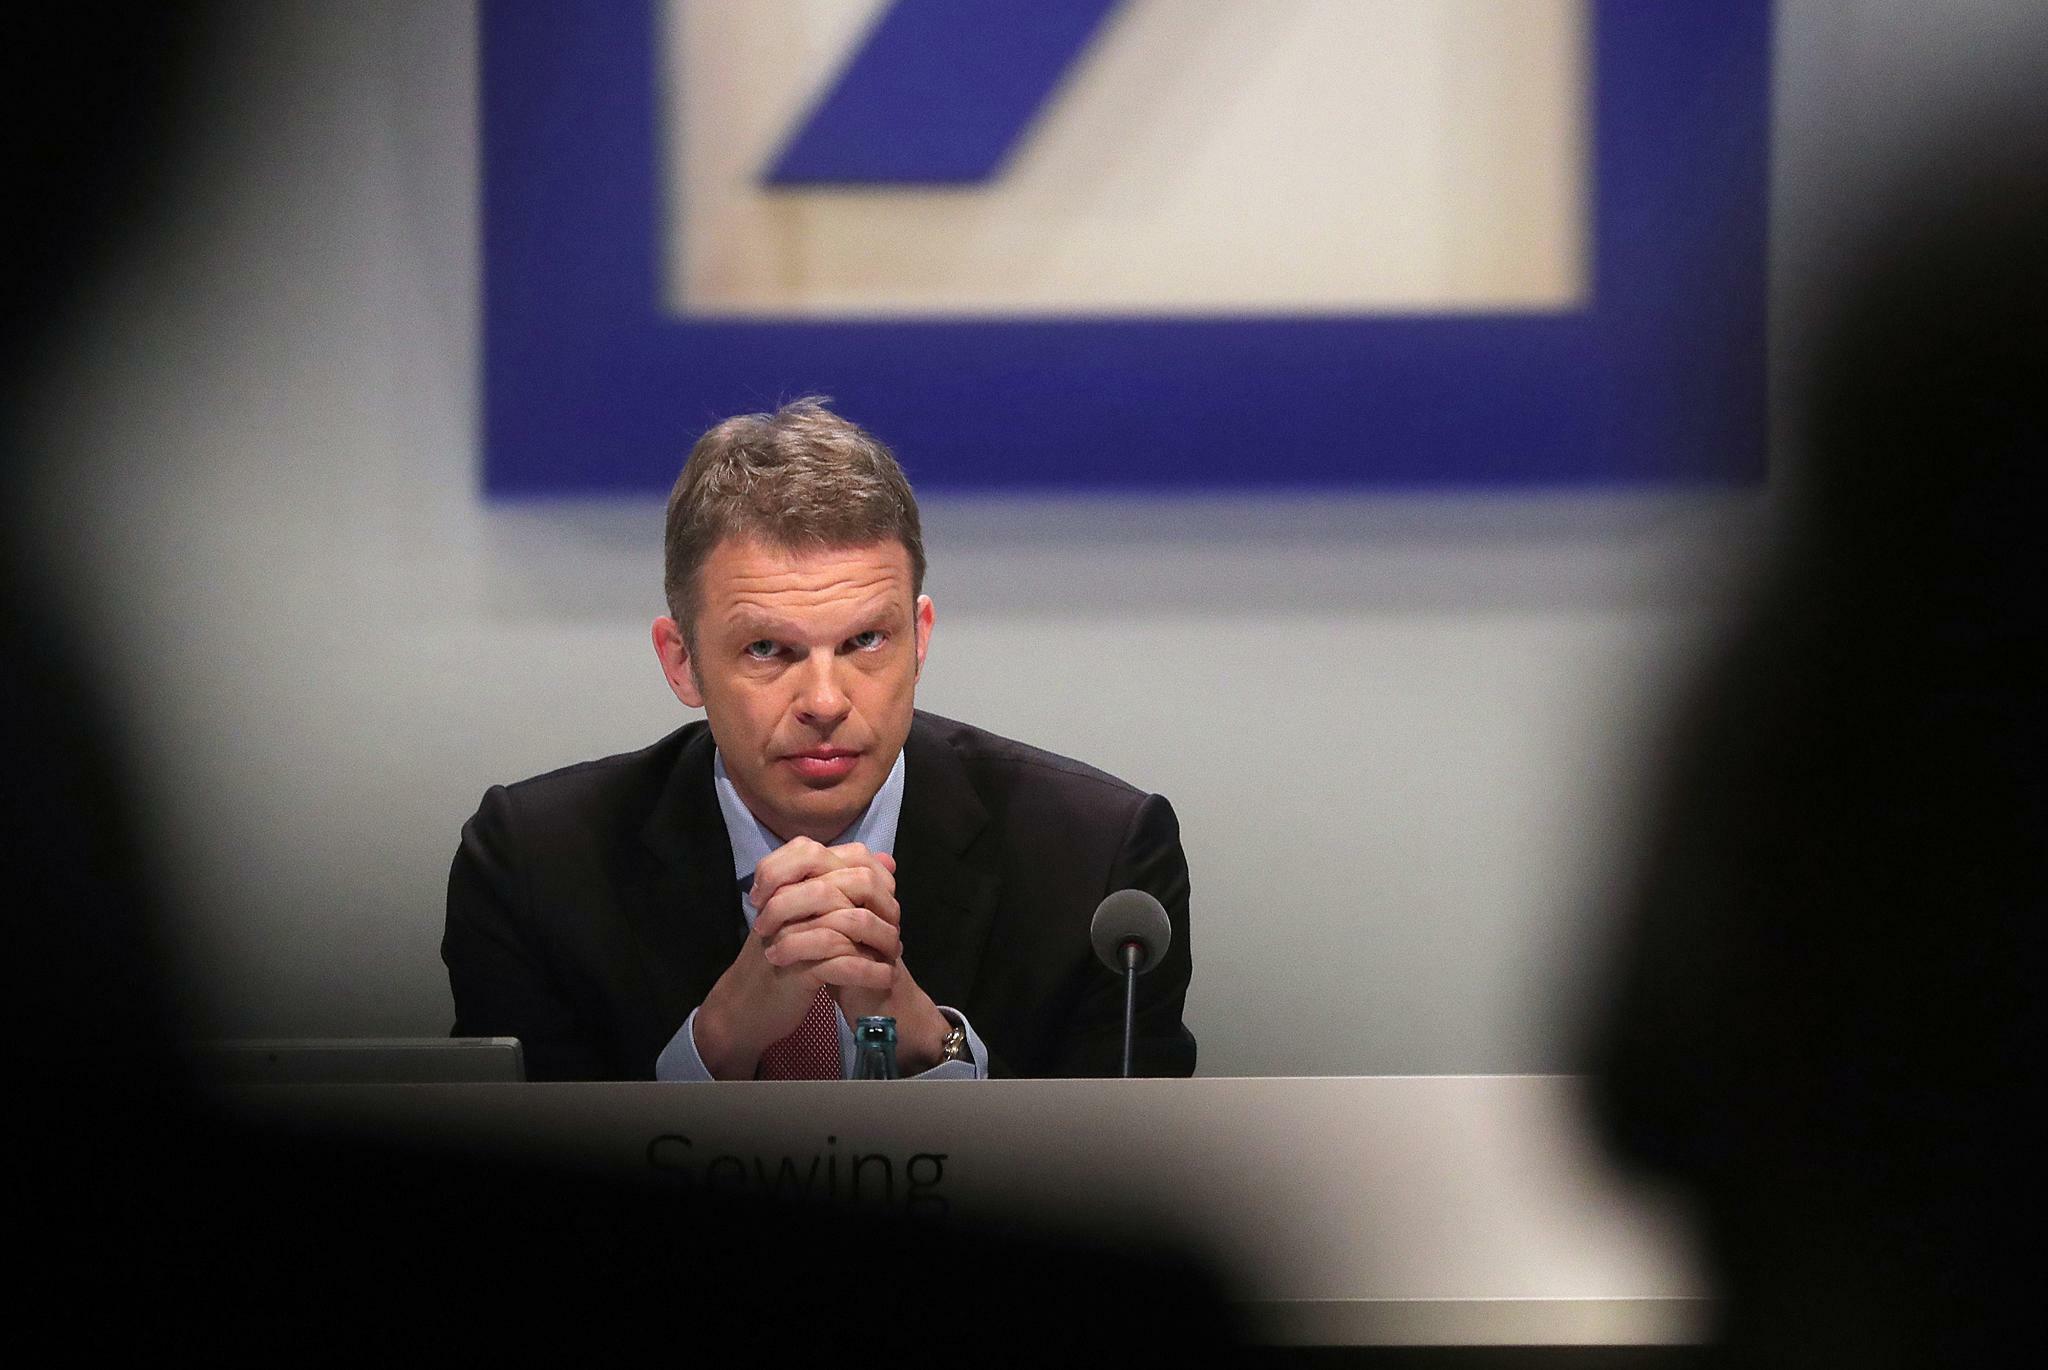 Bei der Deutschen Bank wächst nur das Geschäft mit Firmen